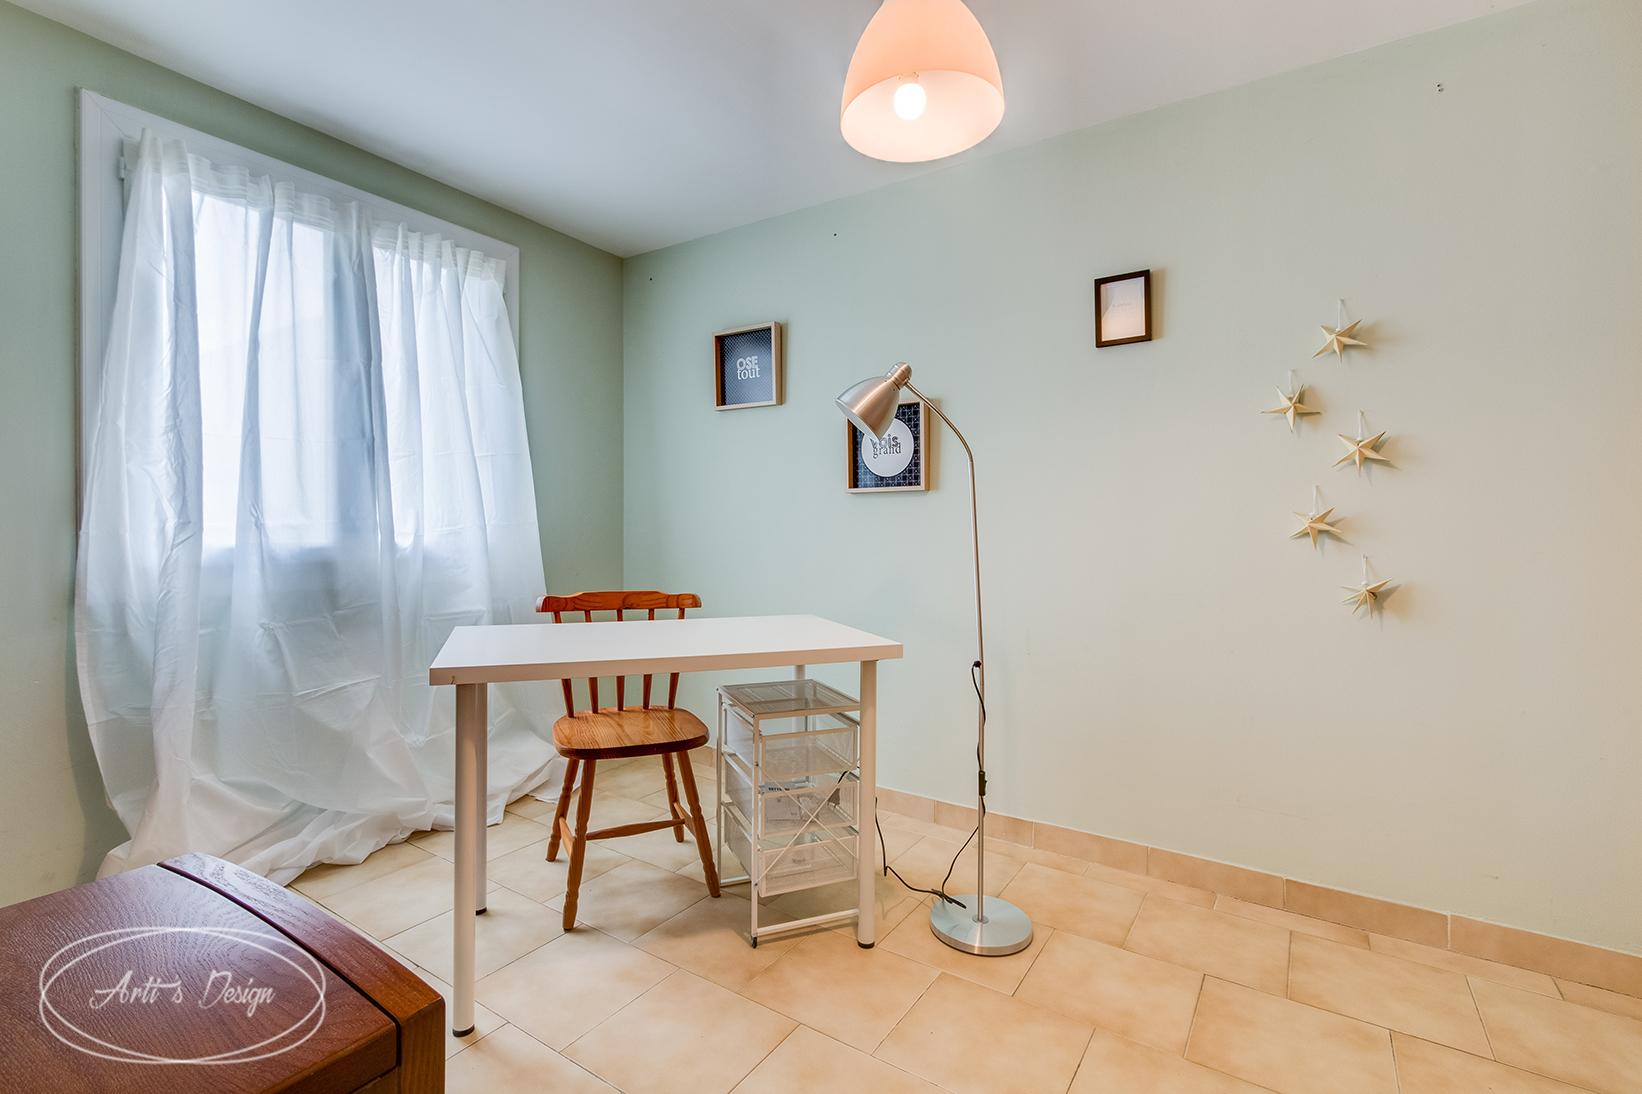 16 chambre rez de chauss e apr s home staging maison 58m for Chambre de metiers des bouches du rhone